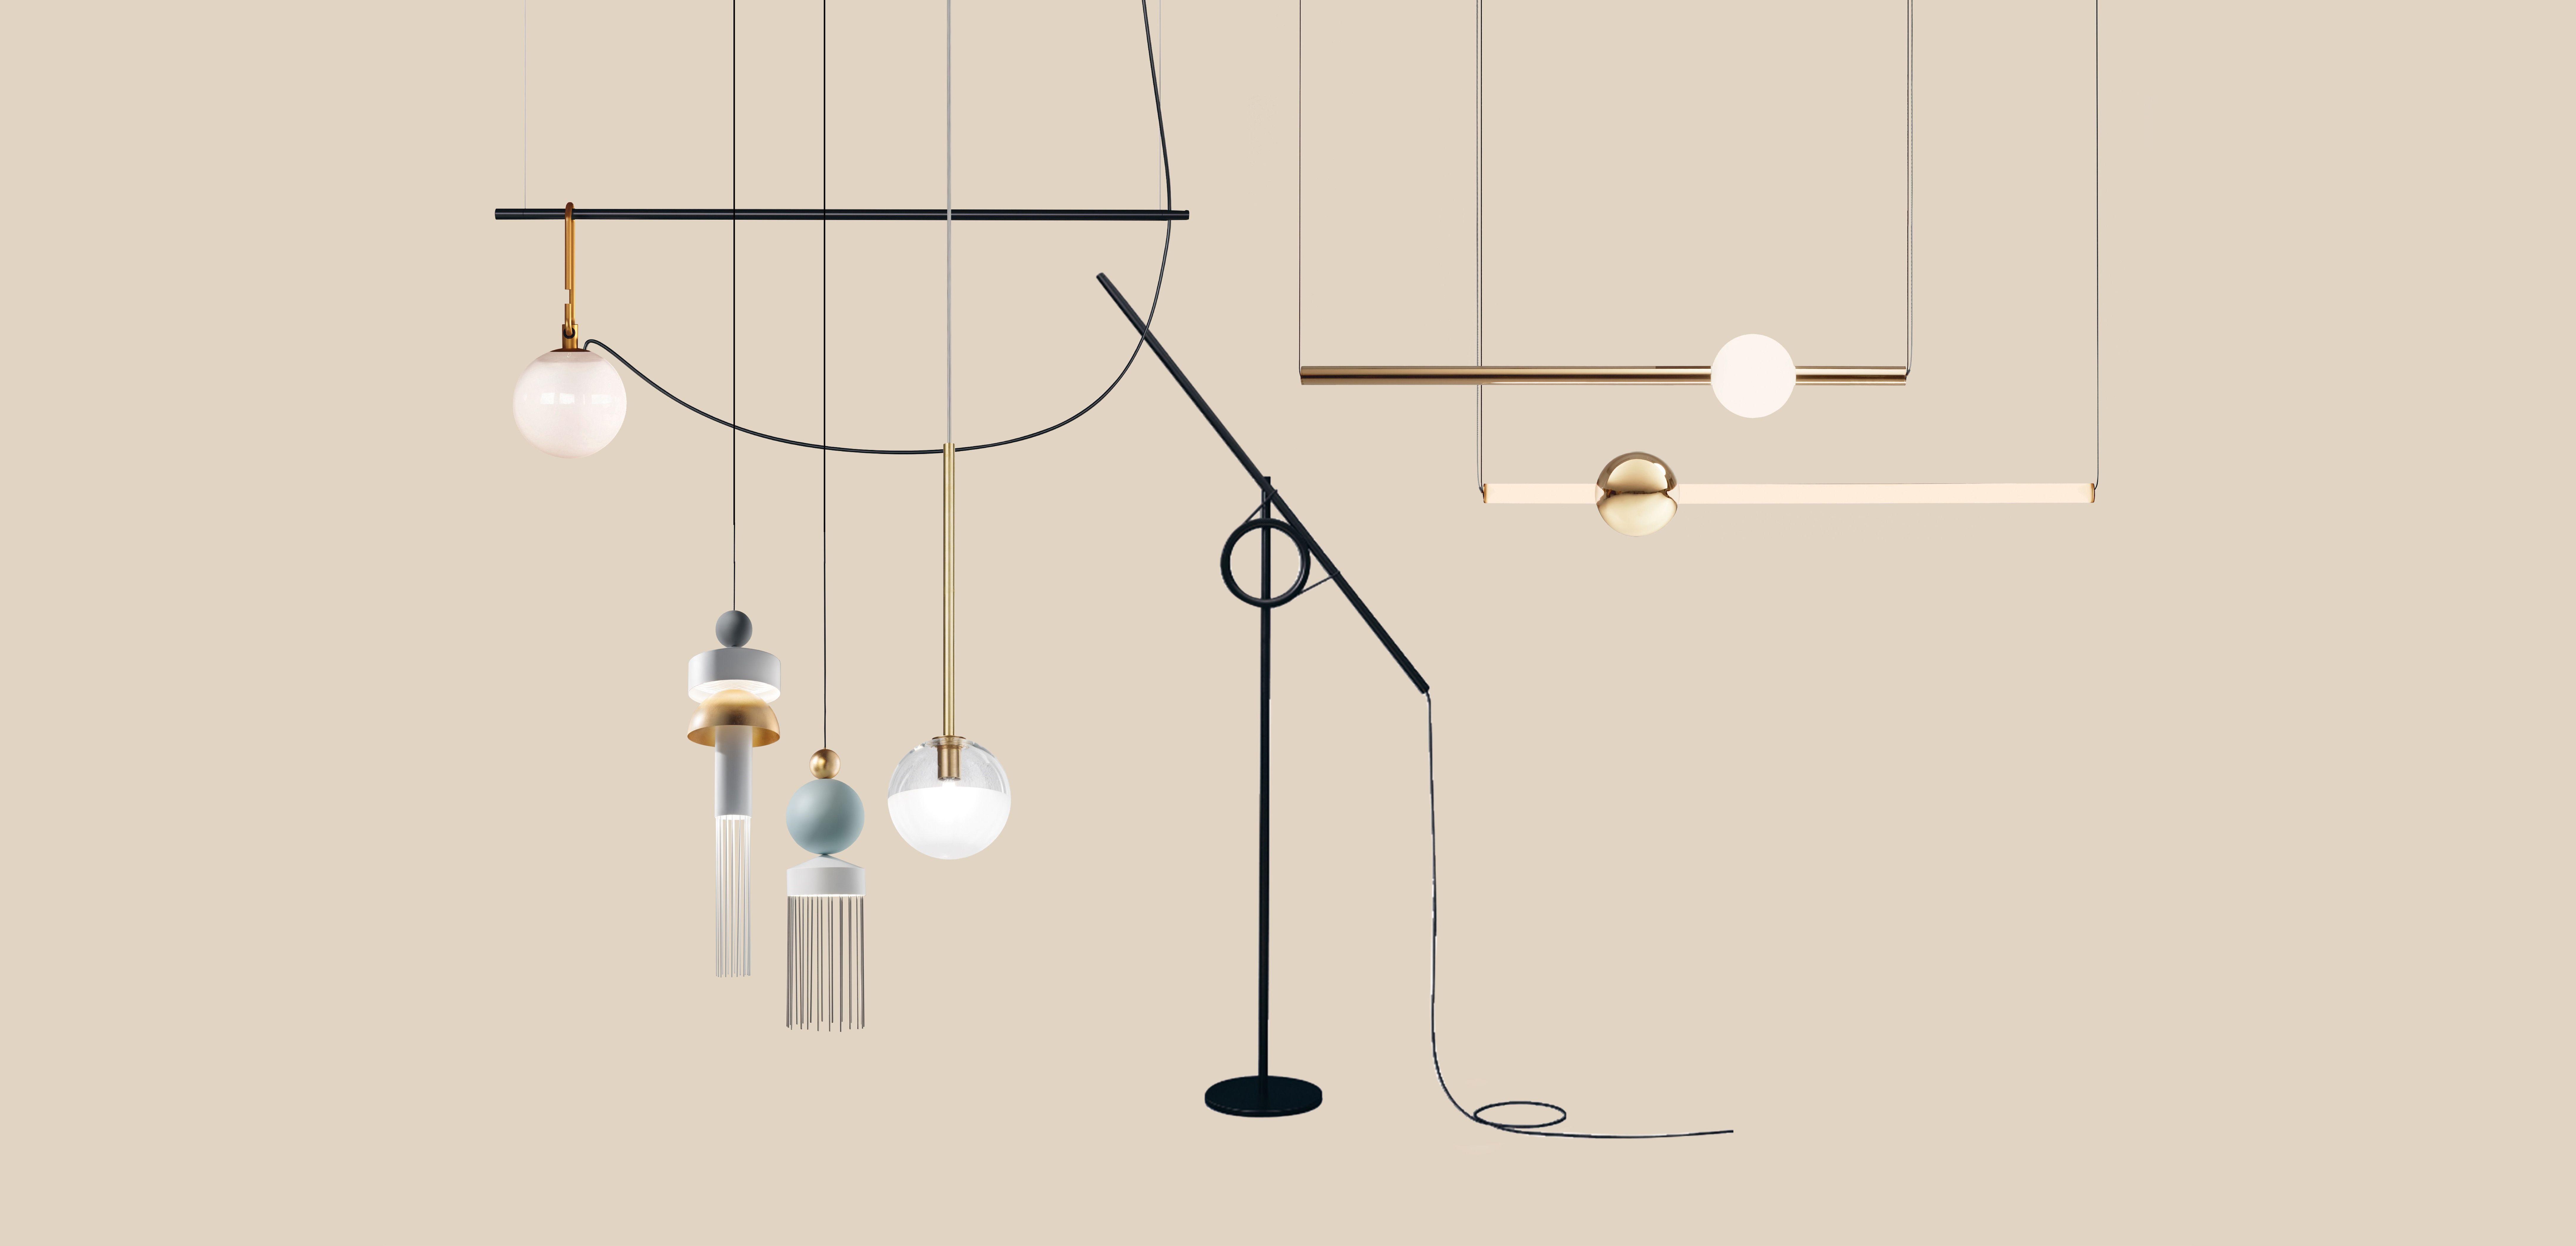 Lampadario Con Punto Luce Decentrato lampadari moderni: 10 idee arredo di tendenza